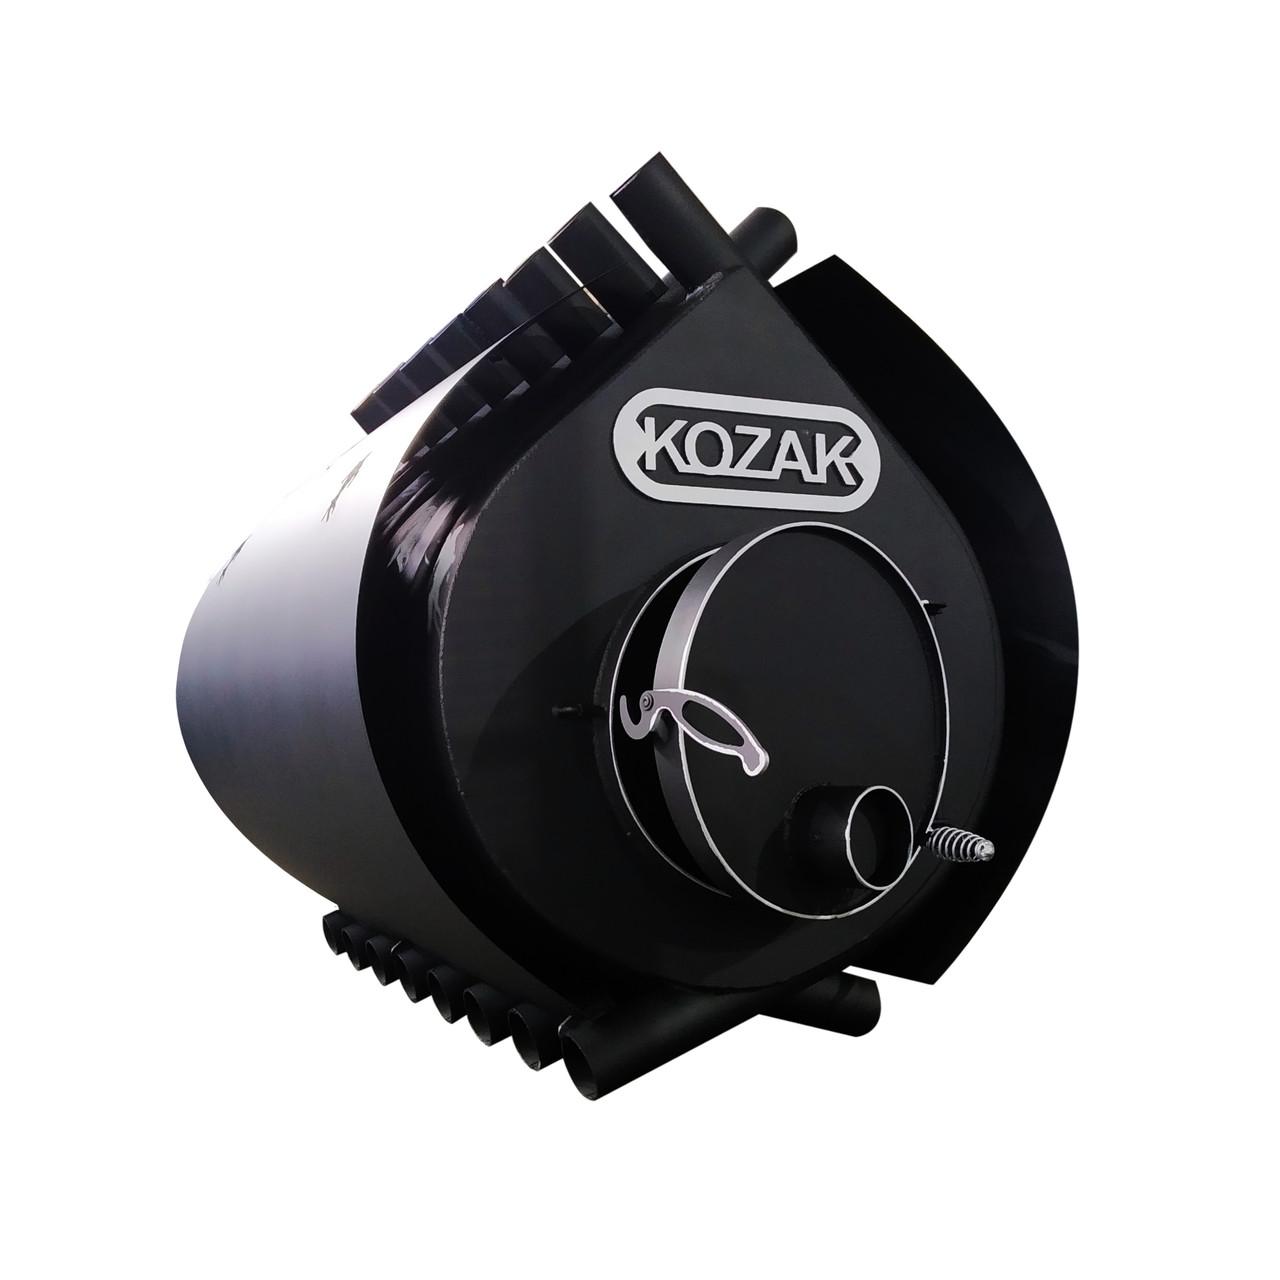 Піч-булерьян KOZAK 05 - 1200 м3+кожух